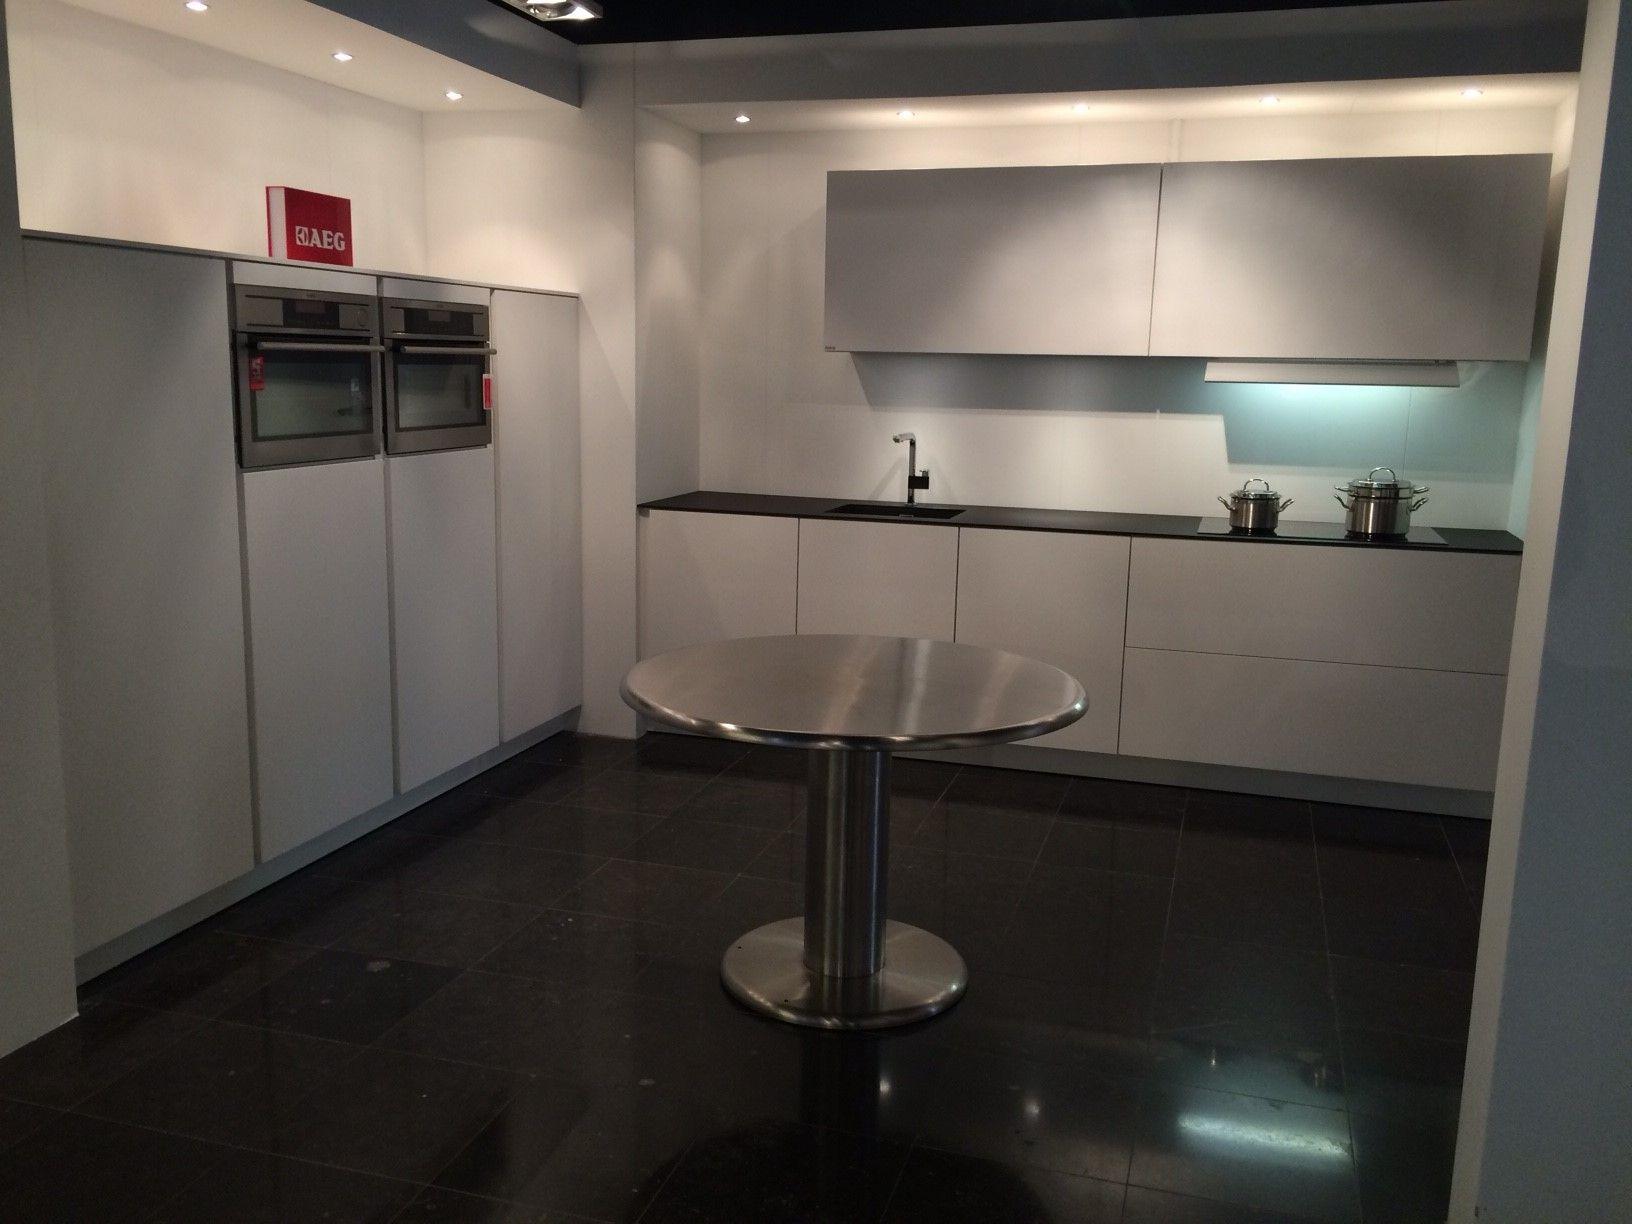 Keukenprijs altijd de beste keukenprijs siematic greeploos design s3 39385 - De beste hedendaagse keukens ...